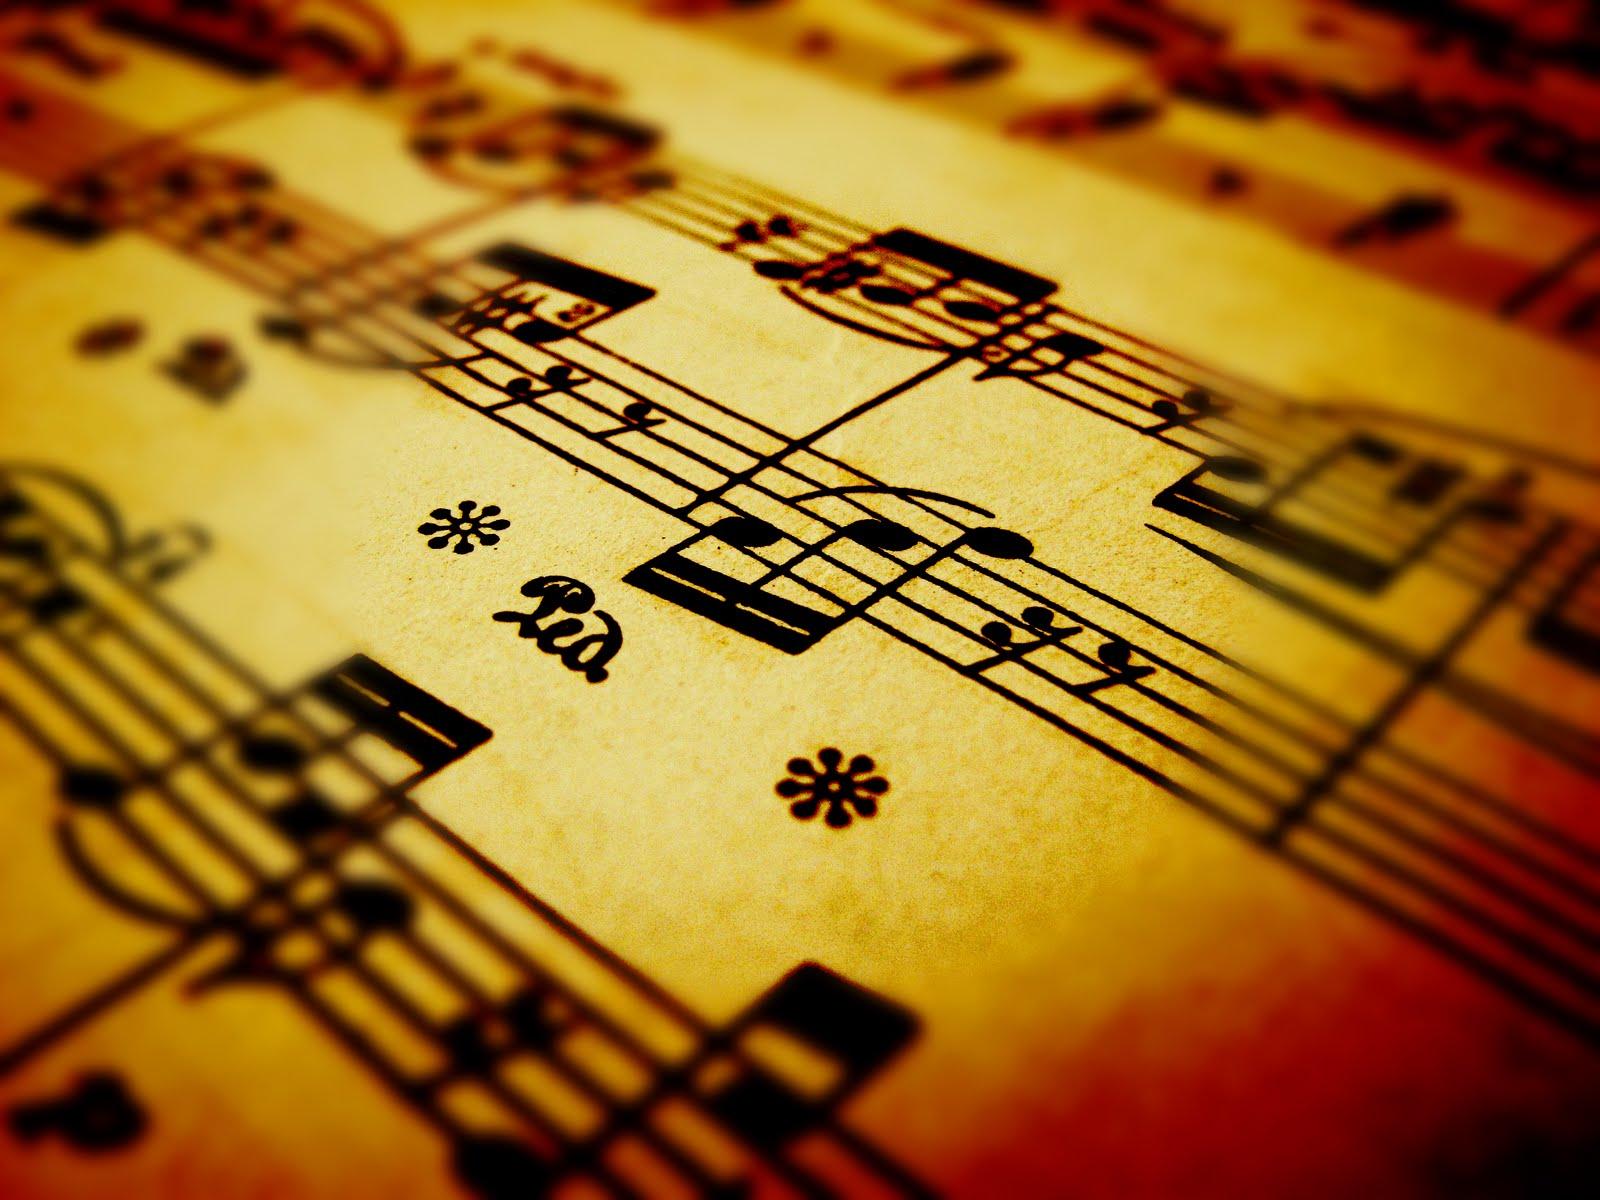 Μουσική βοηθά πολλαπλά τους μαθητές